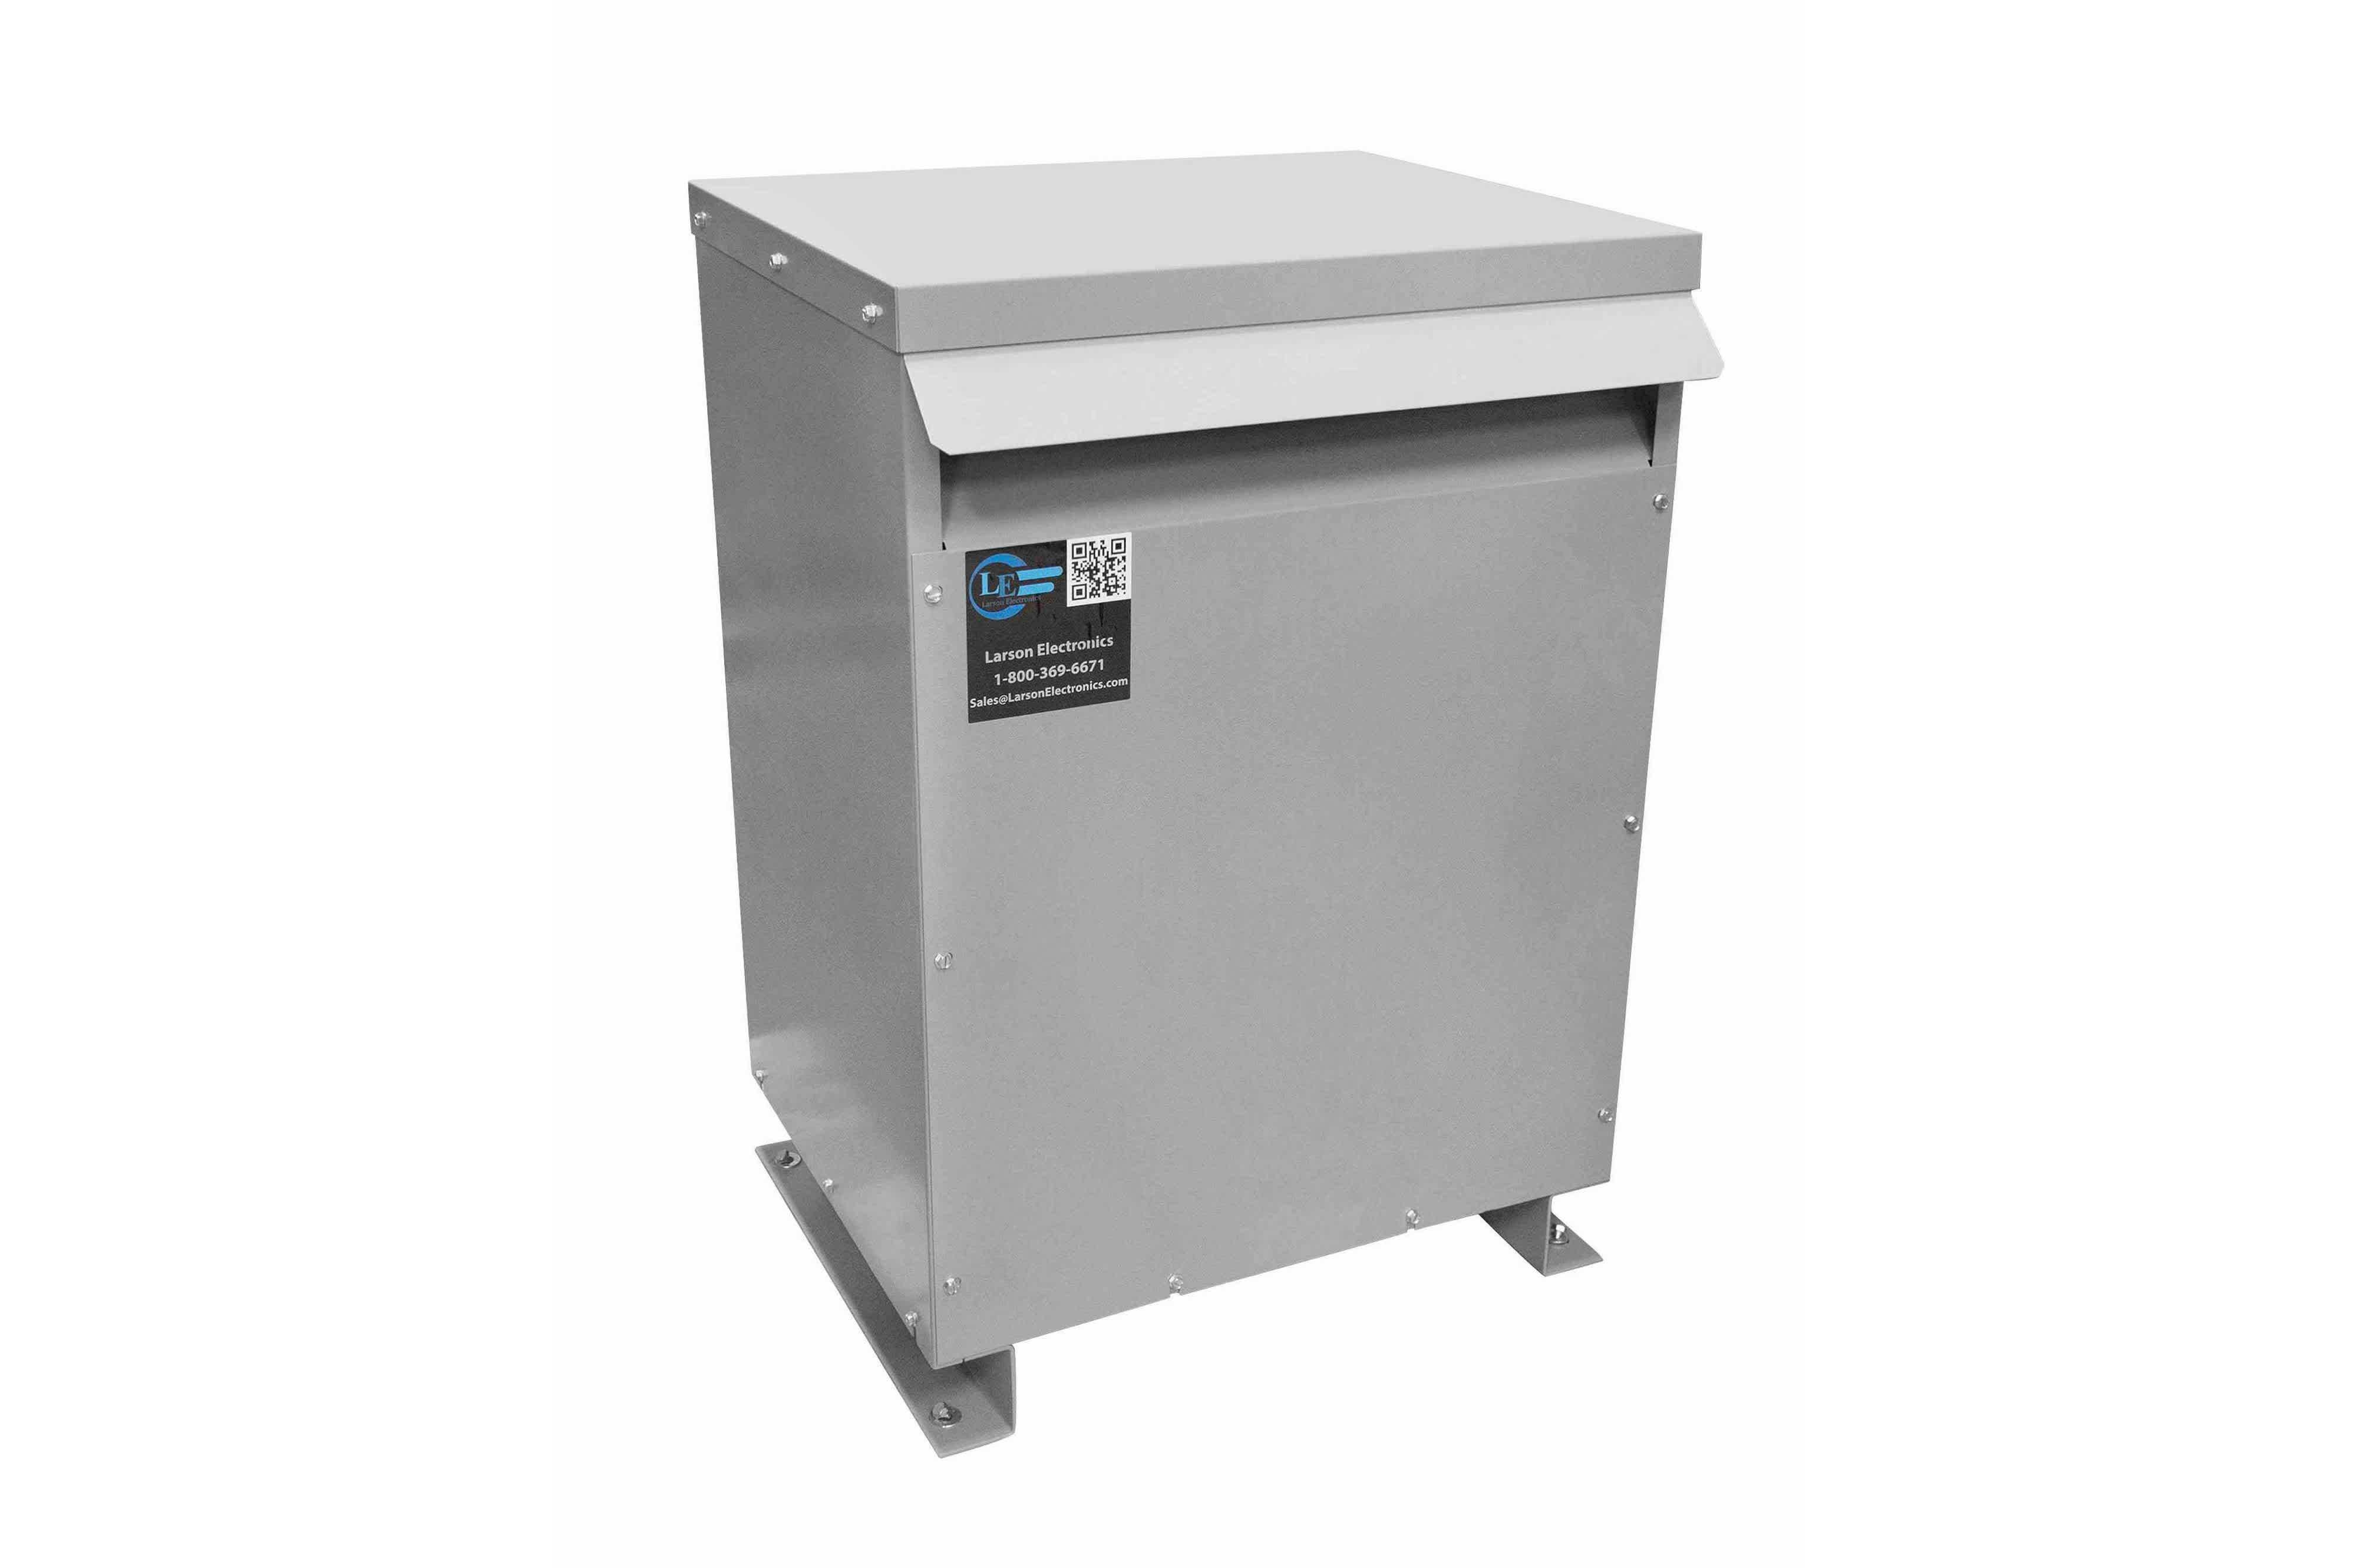 40 kVA 3PH Isolation Transformer, 600V Delta Primary, 415V Delta Secondary, N3R, Ventilated, 60 Hz